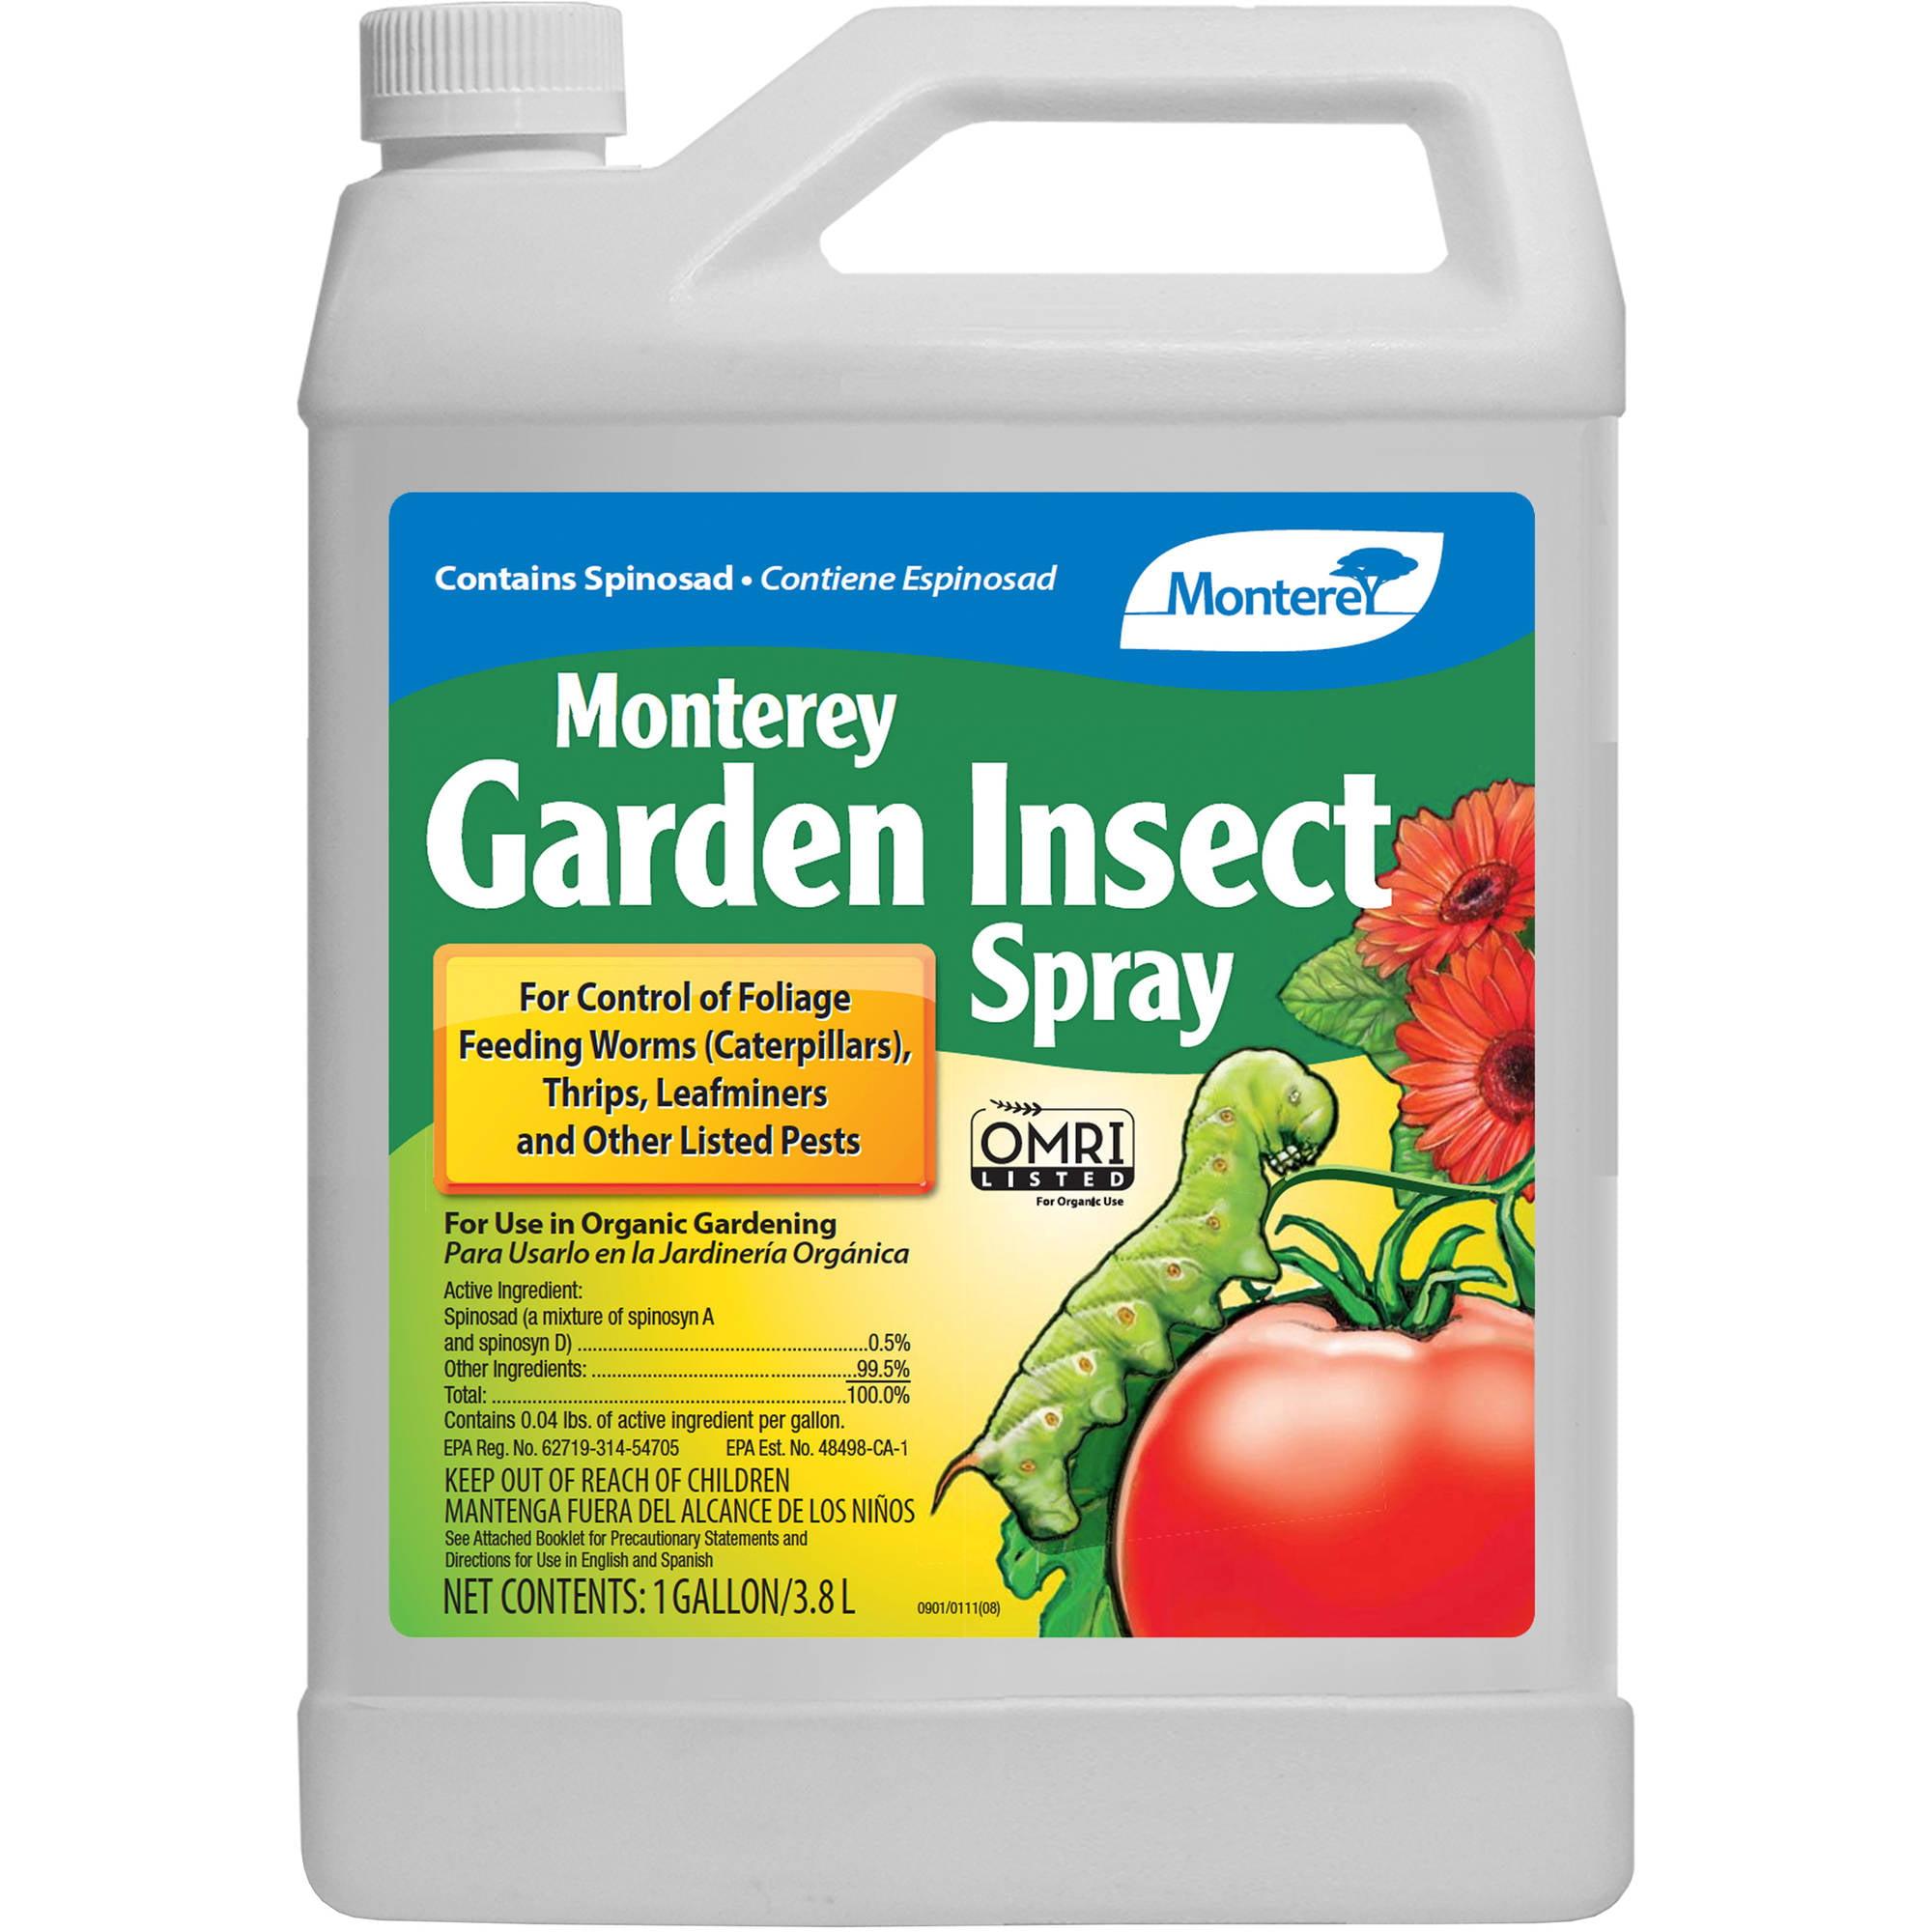 Monterey Garden Insect Spray, 1 gal